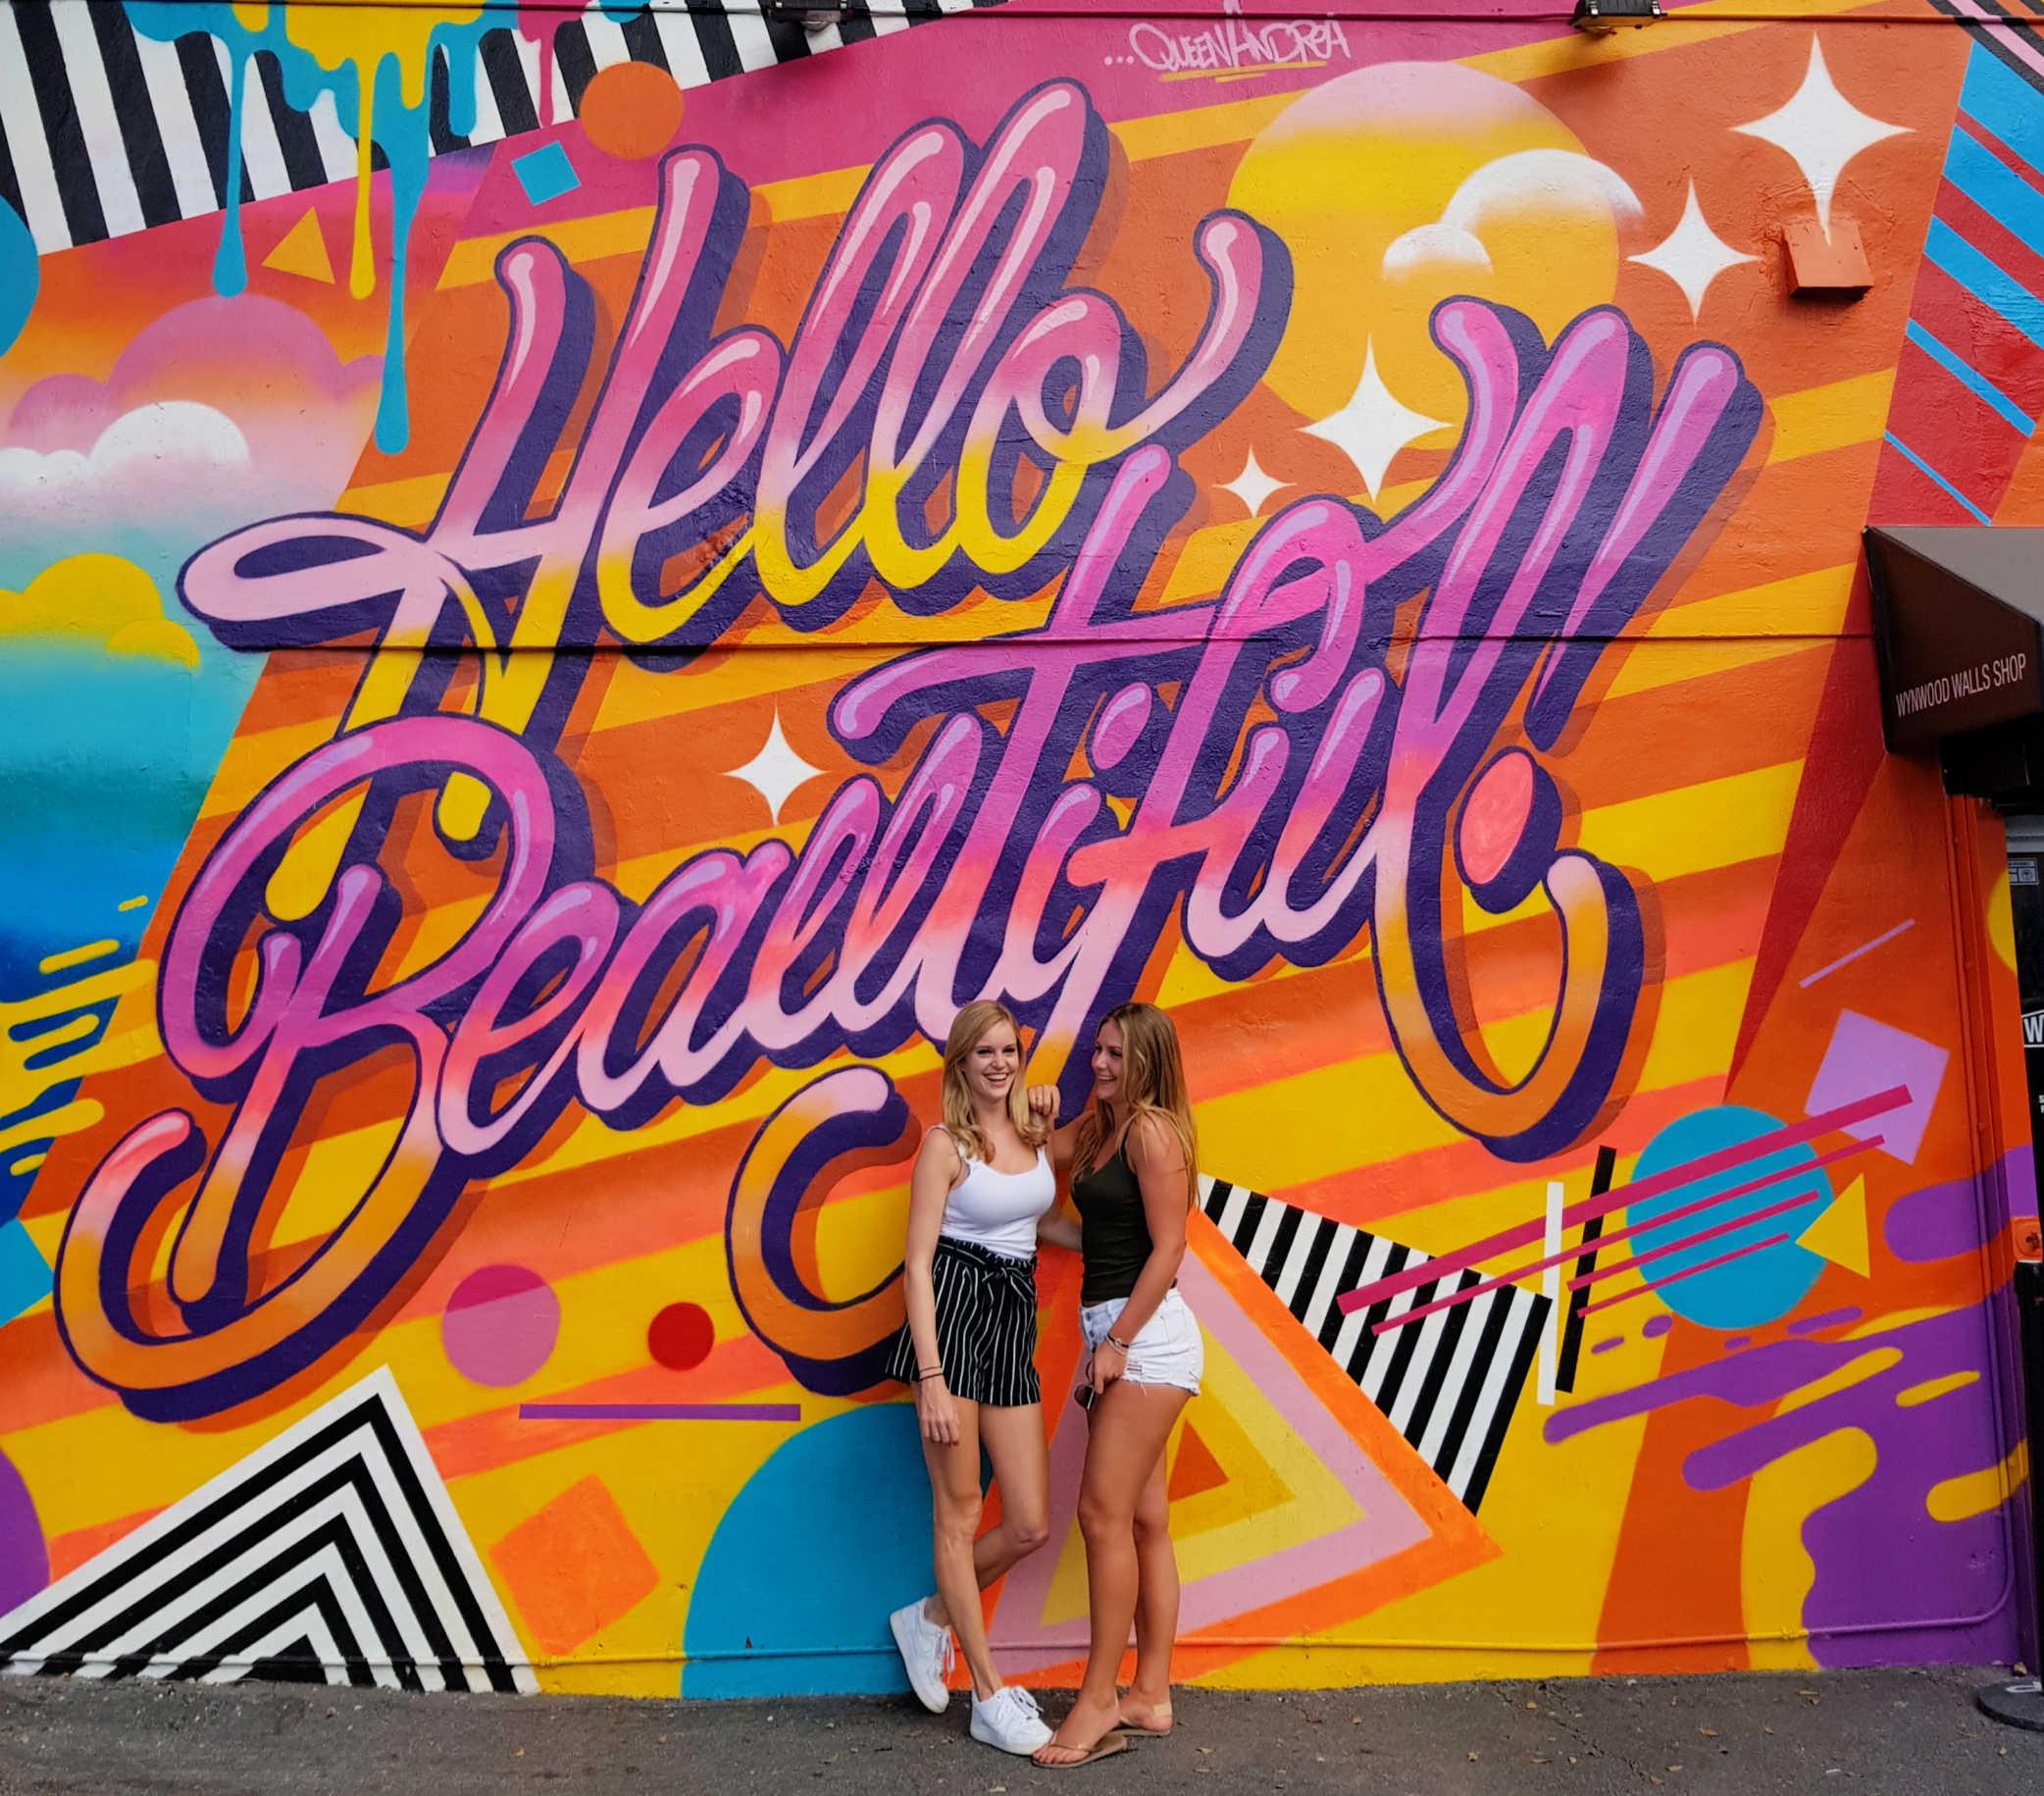 reisblog Miami Wynwood Walls